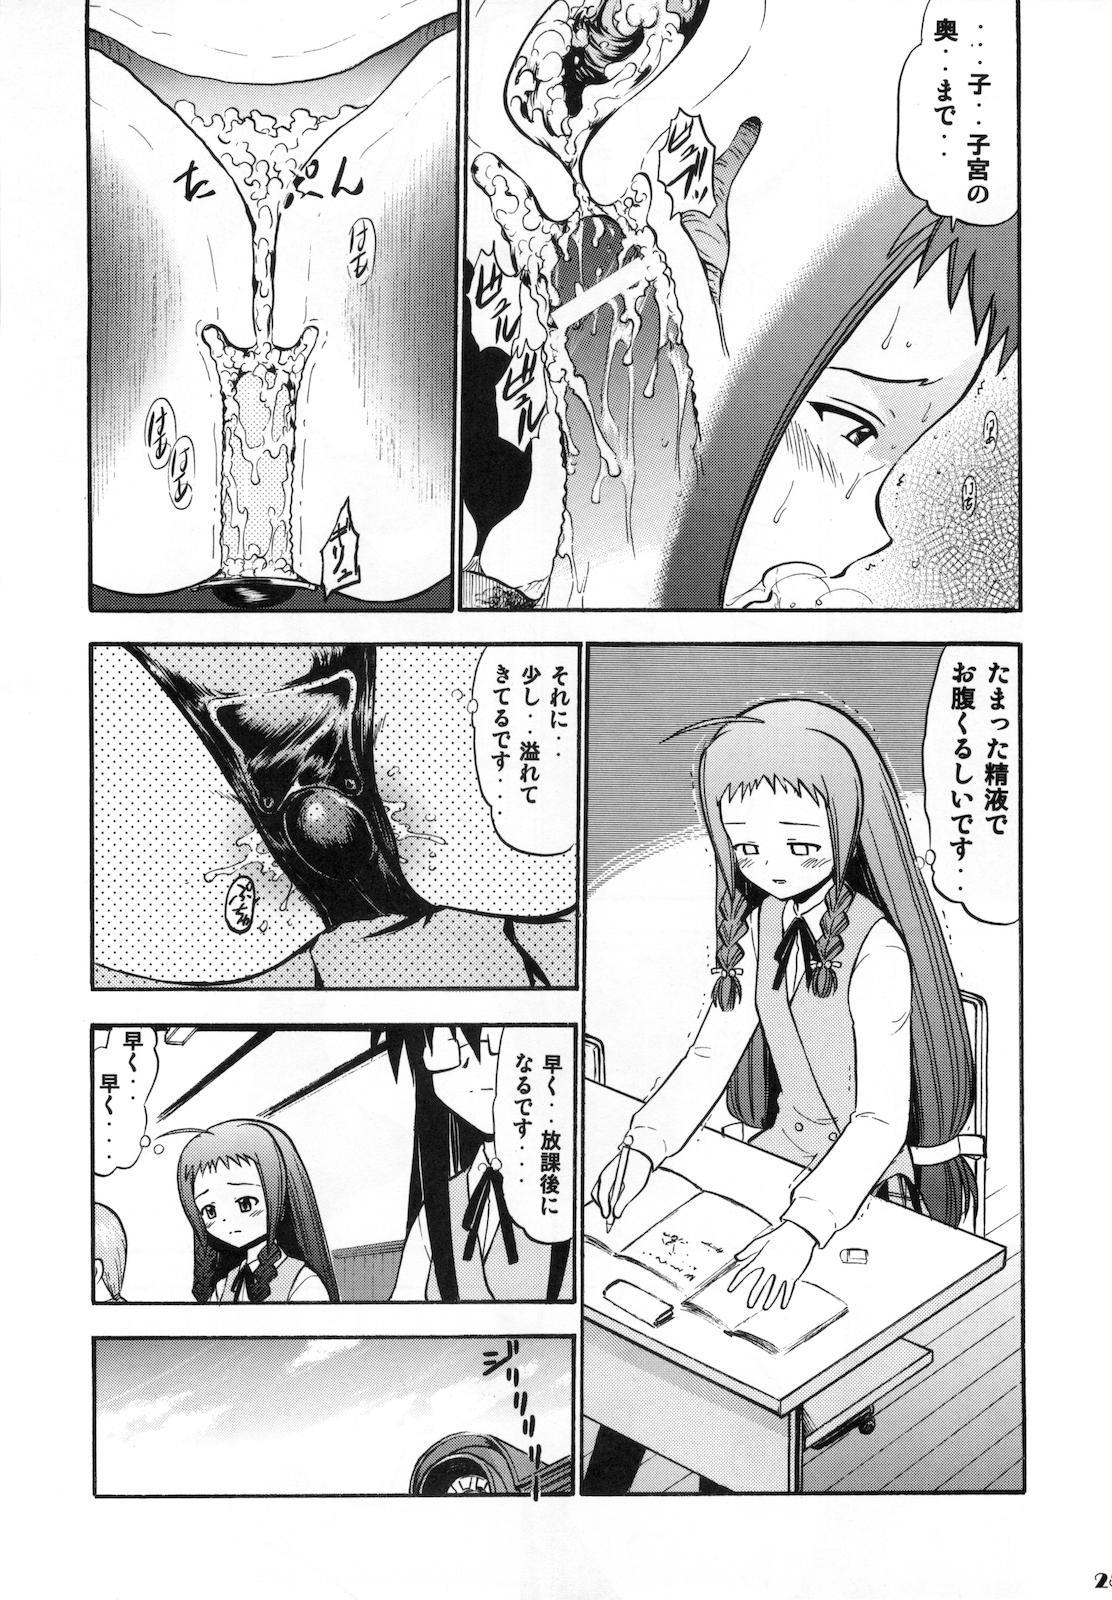 Yue no Koisuru Heart 24